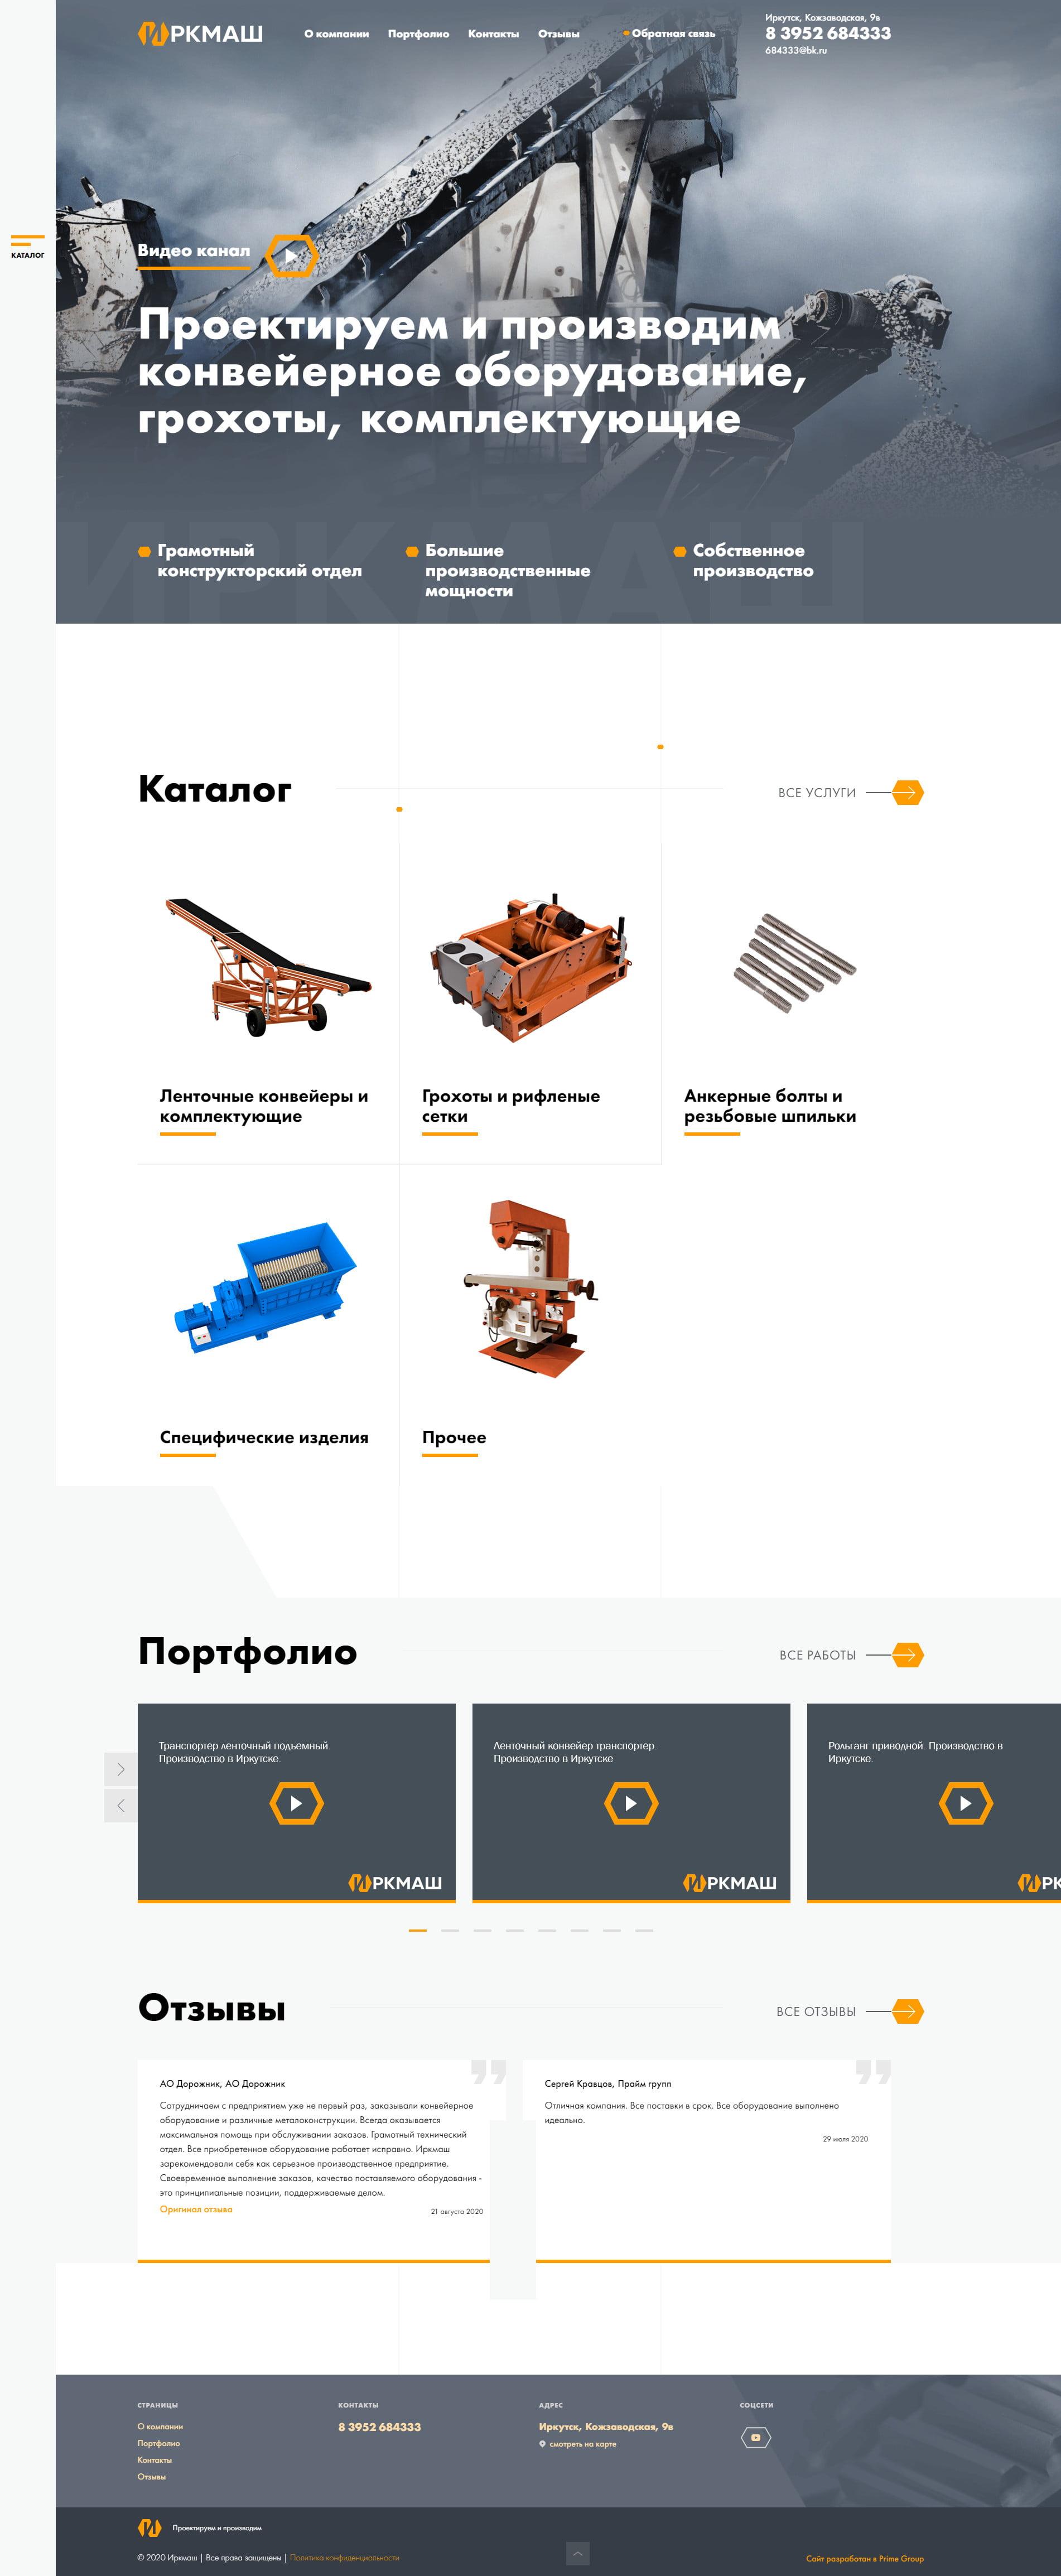 irk-mash.ru